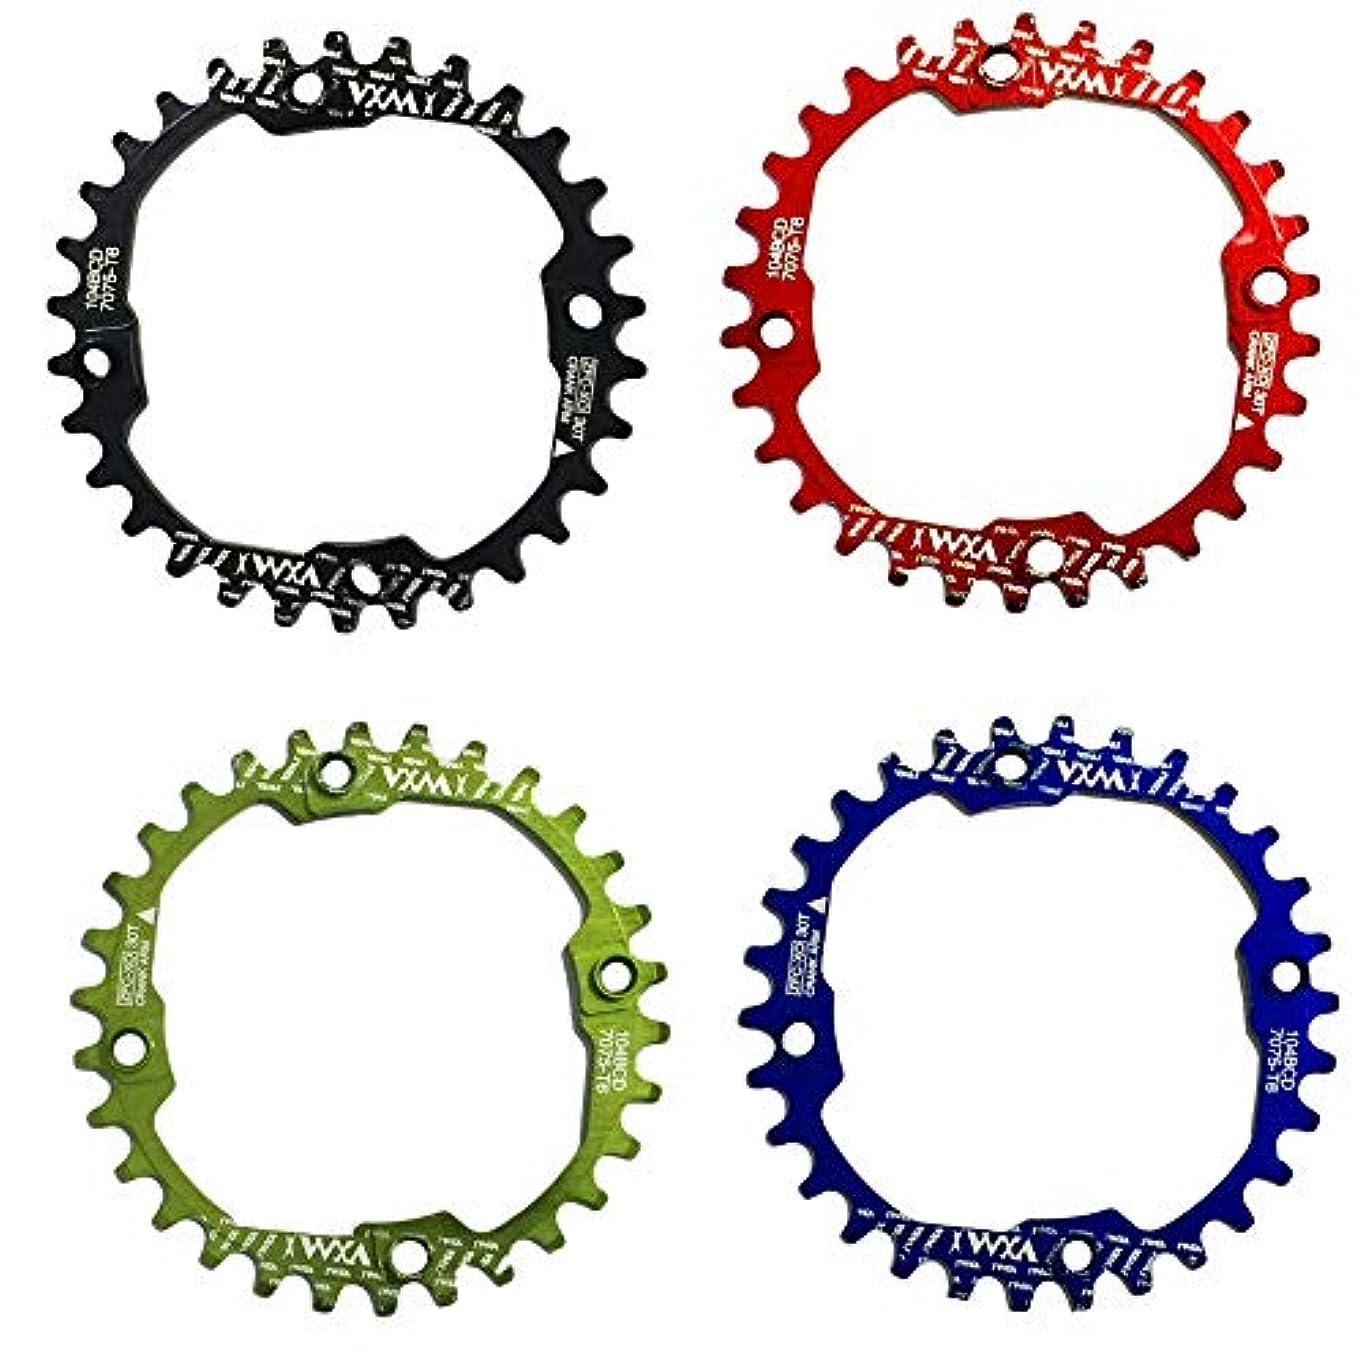 検索バケツケイ素Propenary - 1PC Bicycle Chainwheel Crank 30T 104BCD Aluminum Alloy Narrow Wide Chainring Round Bike Chainwheel...